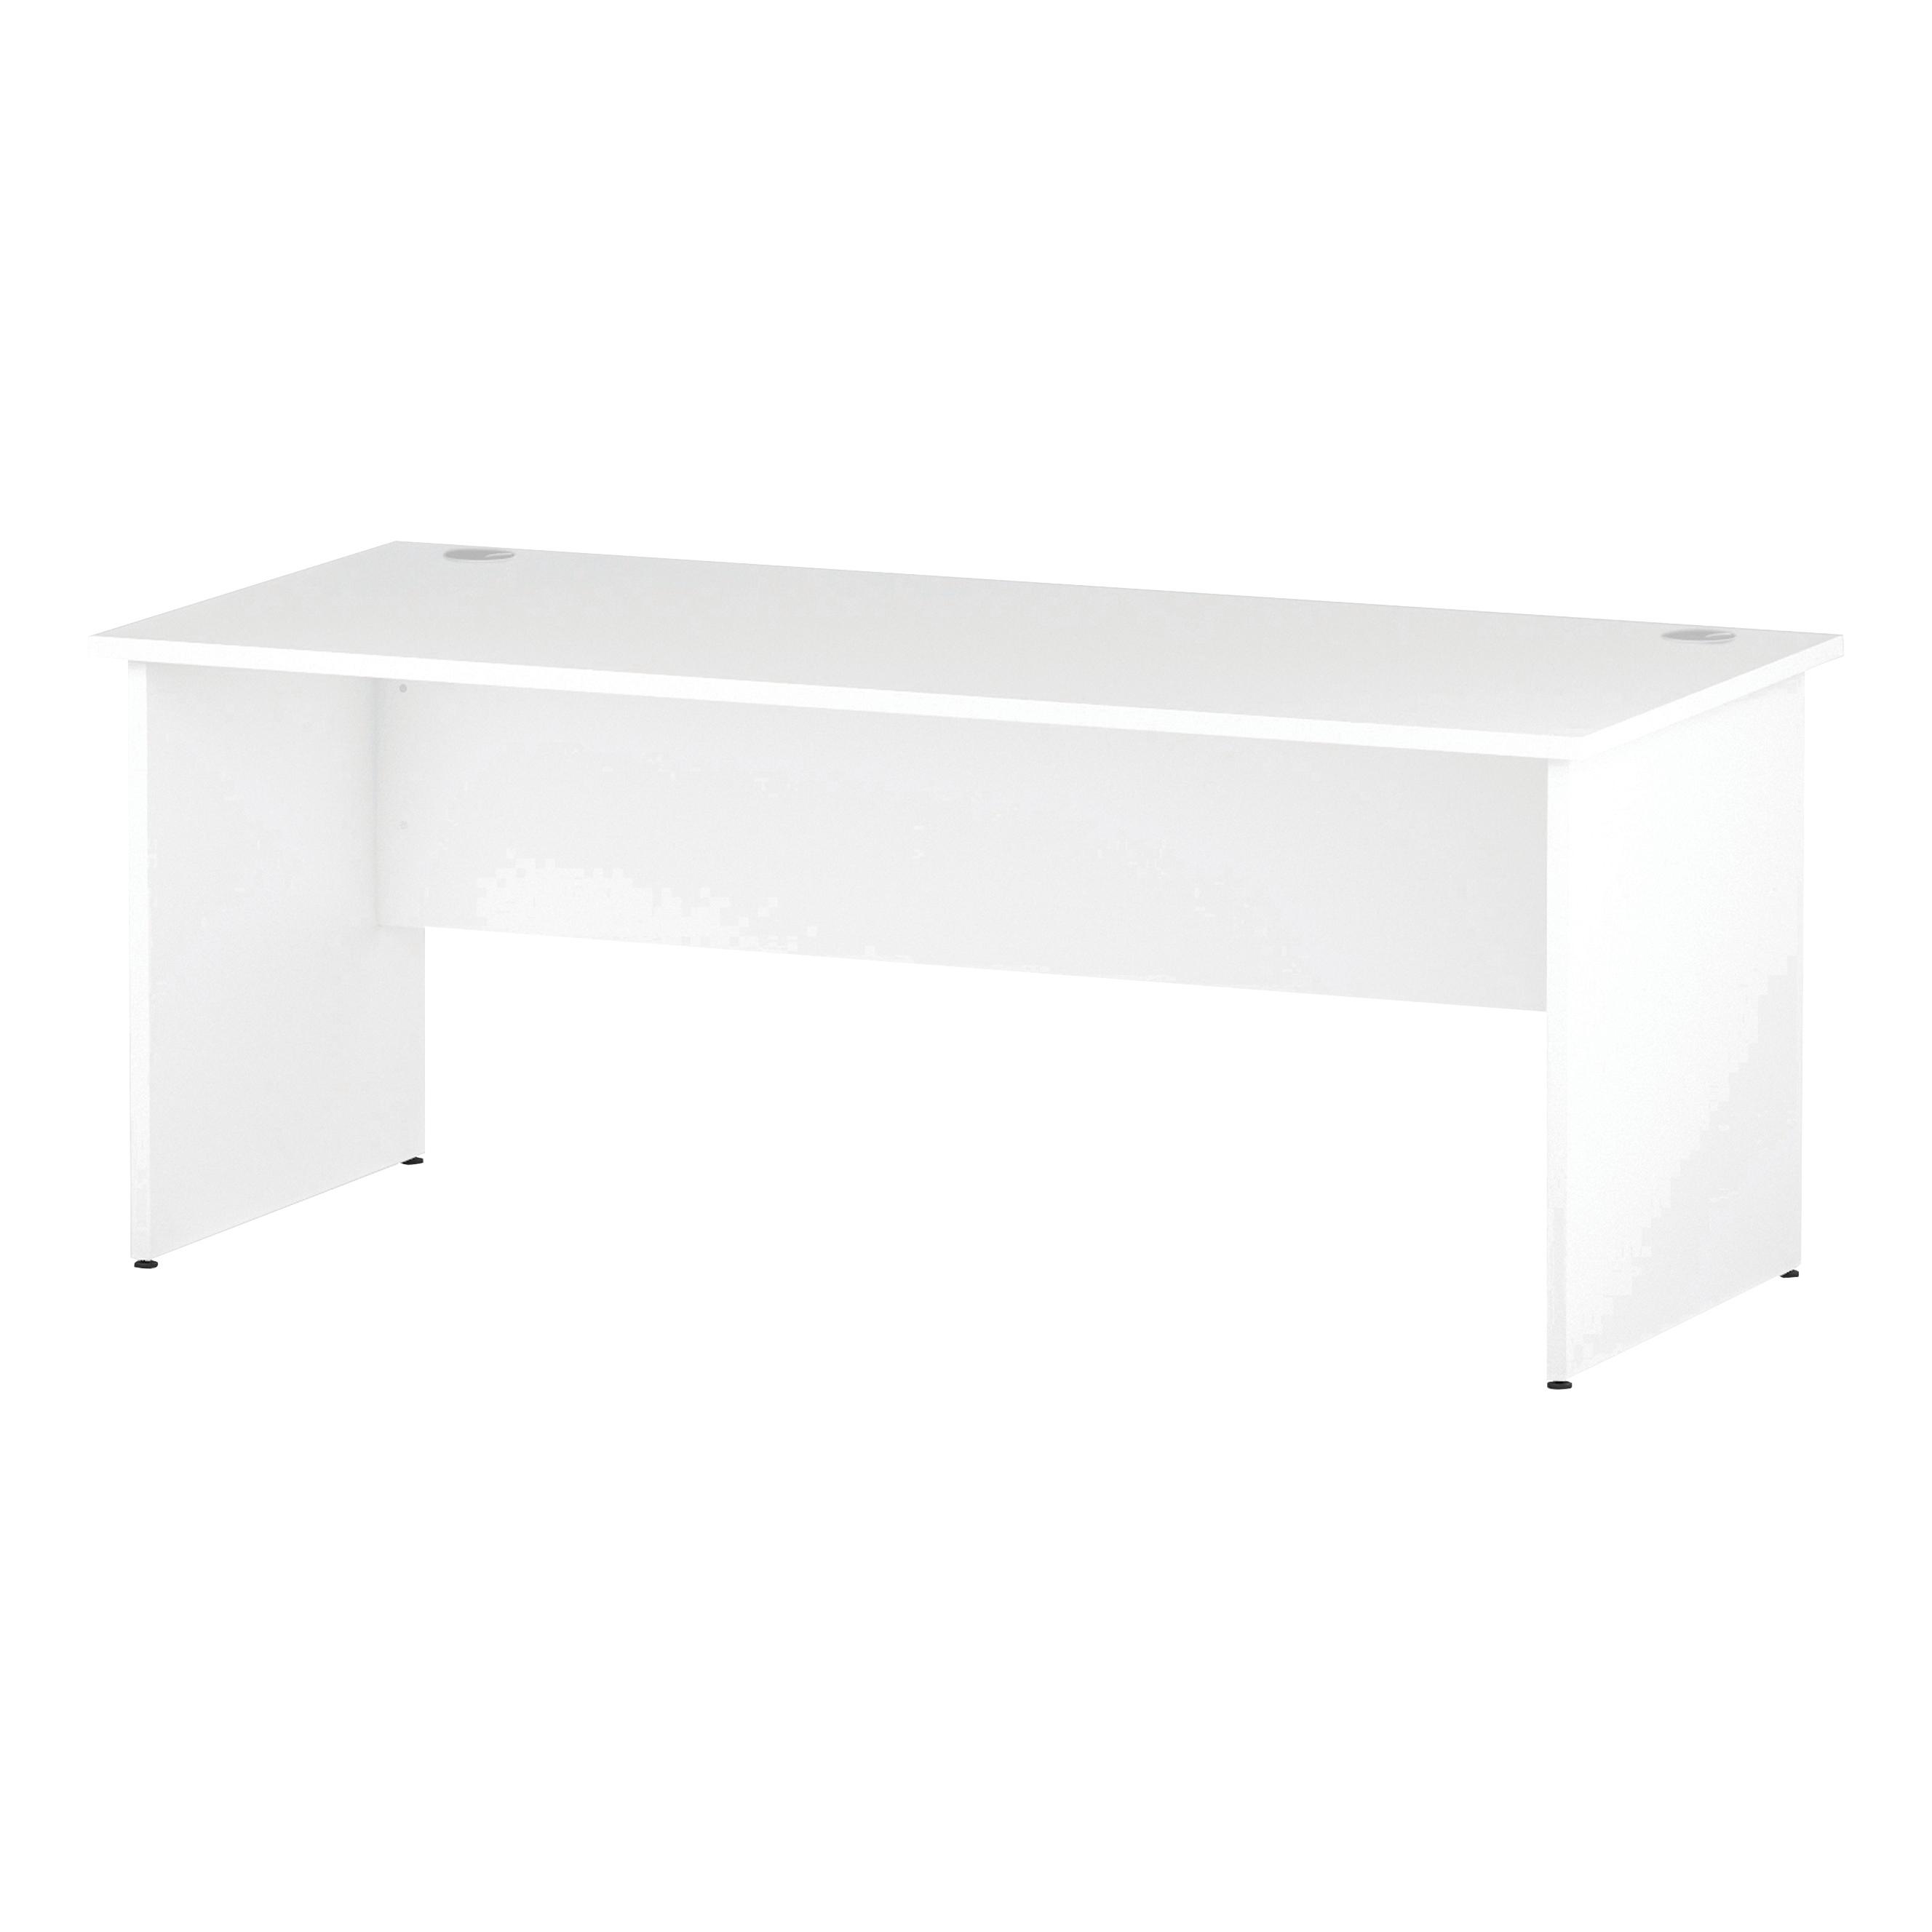 Trexus Rectangular Desk Panel End Leg 1800x800mm White Ref I000396